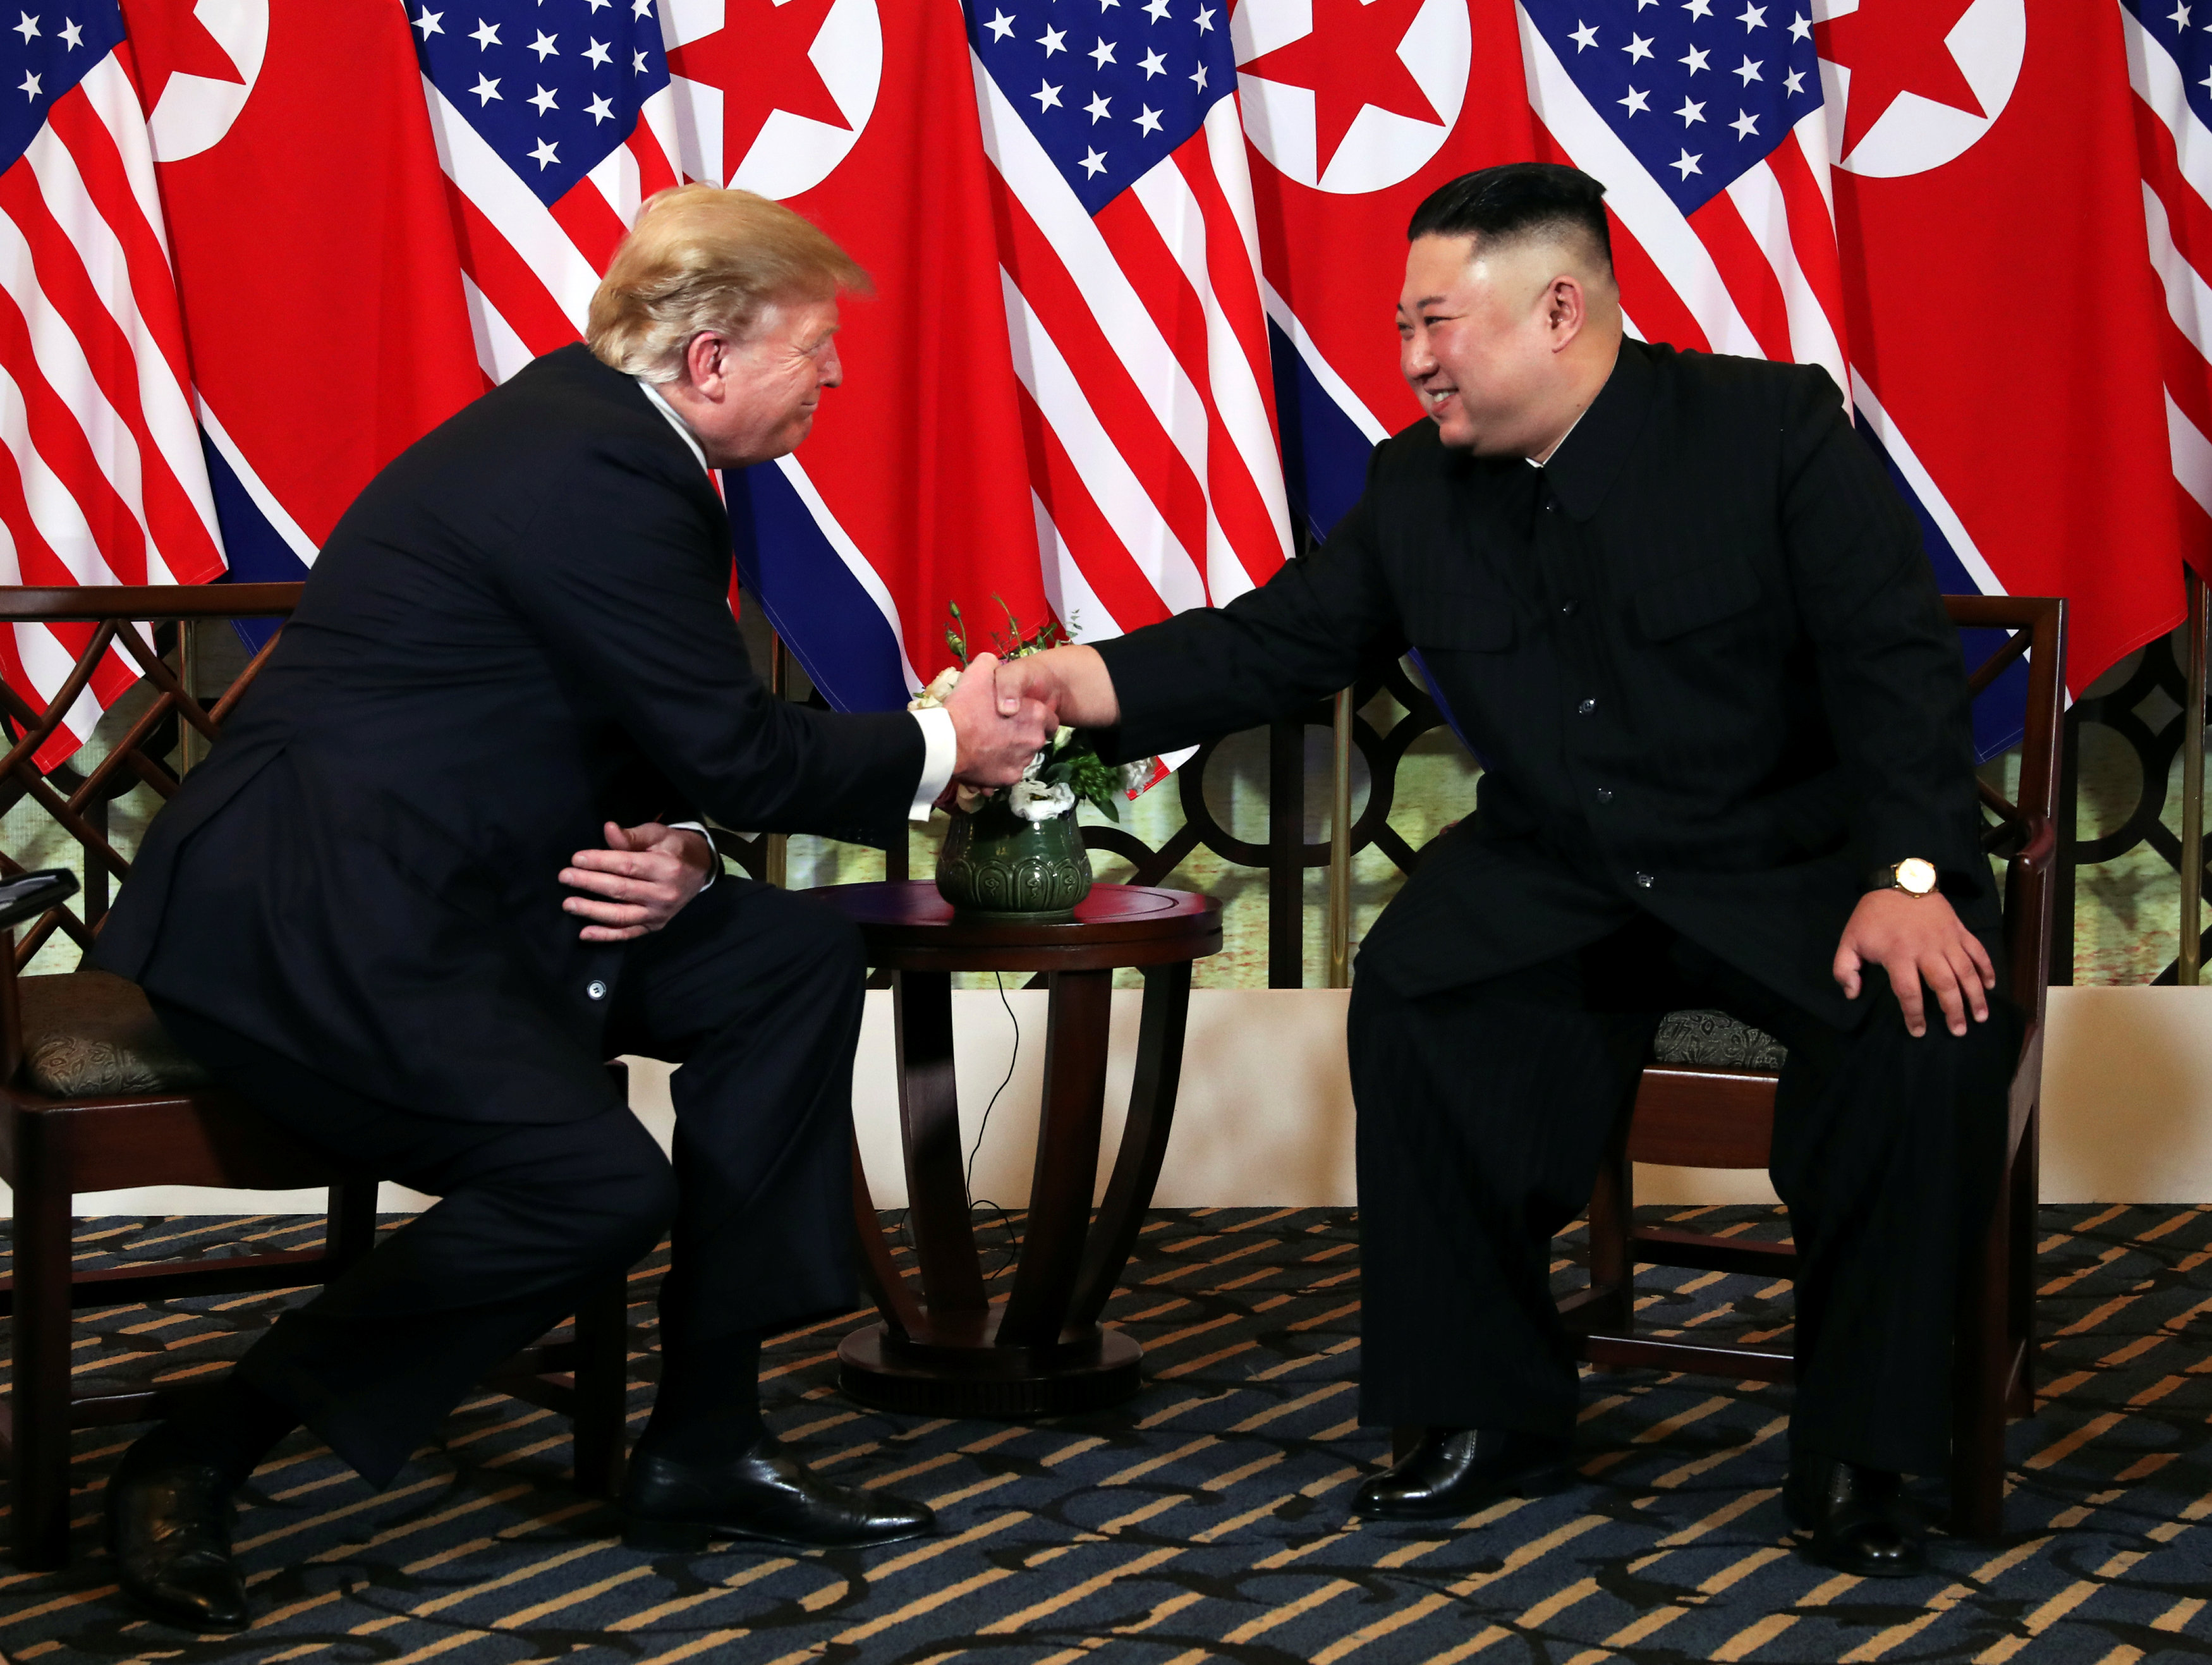 الزعيمان يتصافحان فى مستهل قمتهما فى فيتنام